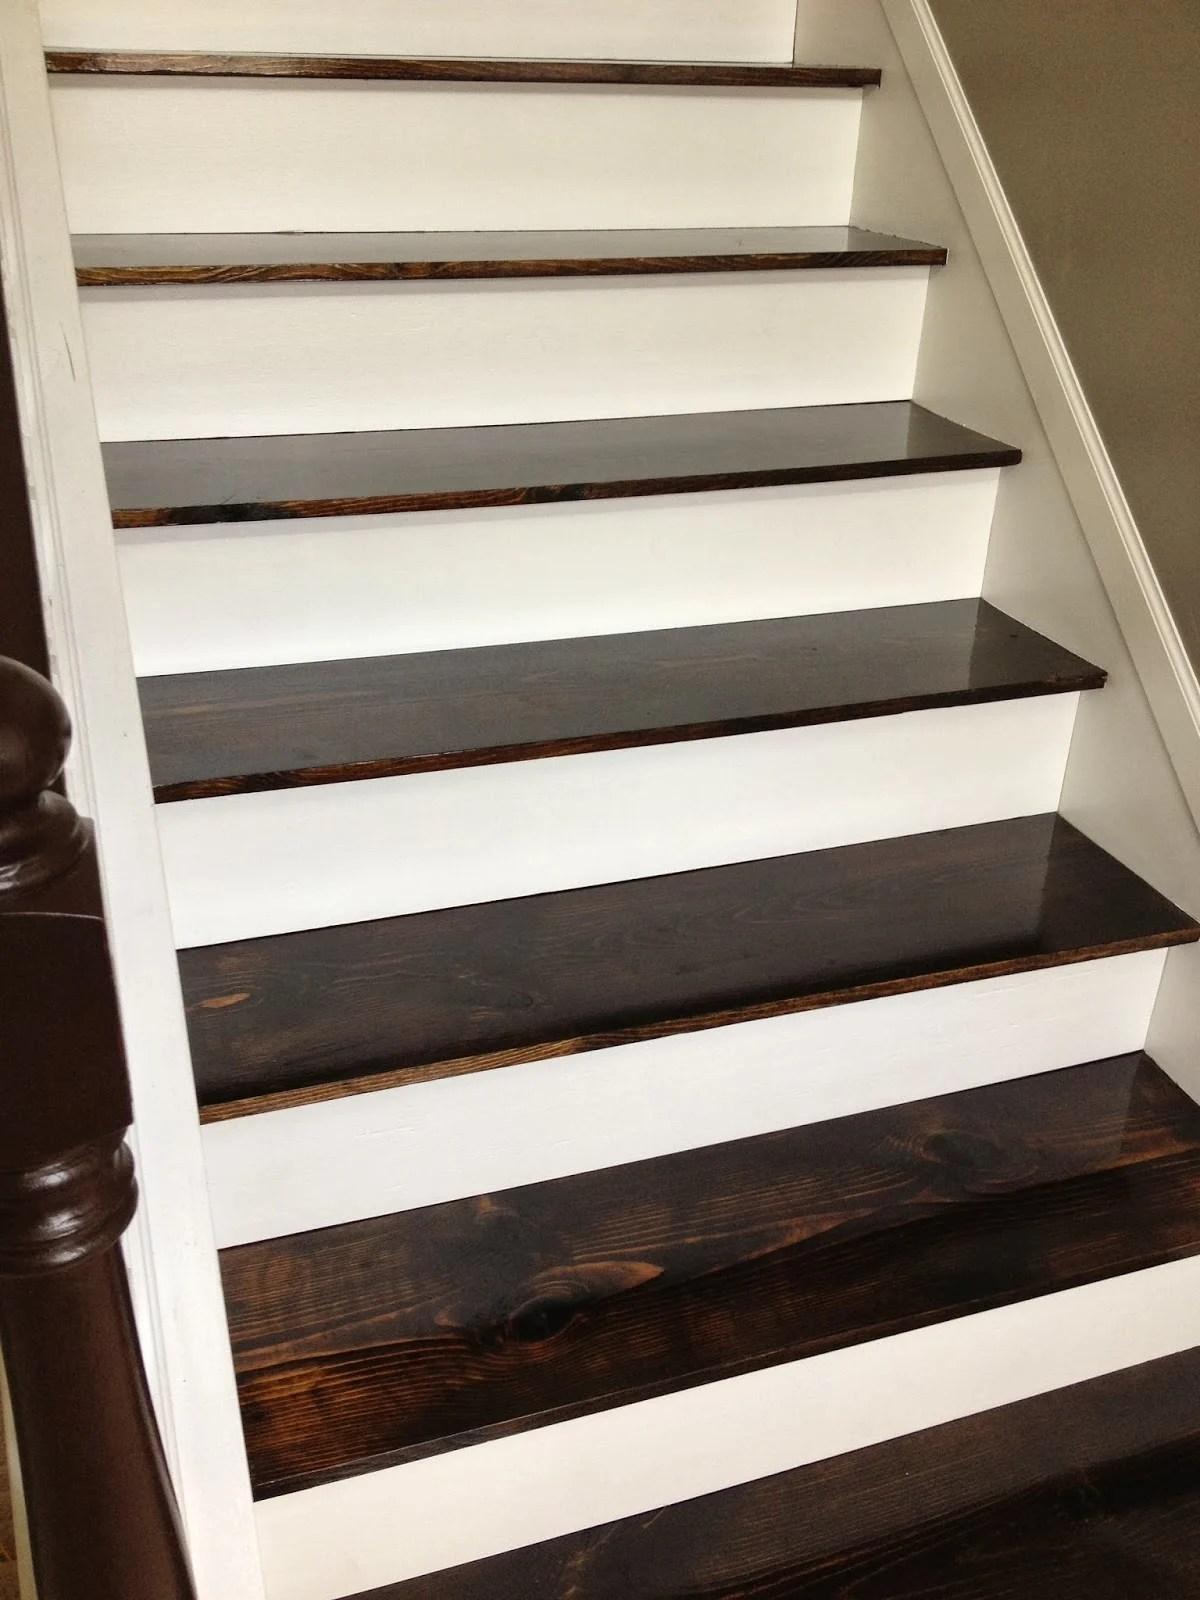 Remodelaholic 60 Carpet To Hardwood Stair Remodel | Carpet On Hardwood Stairs